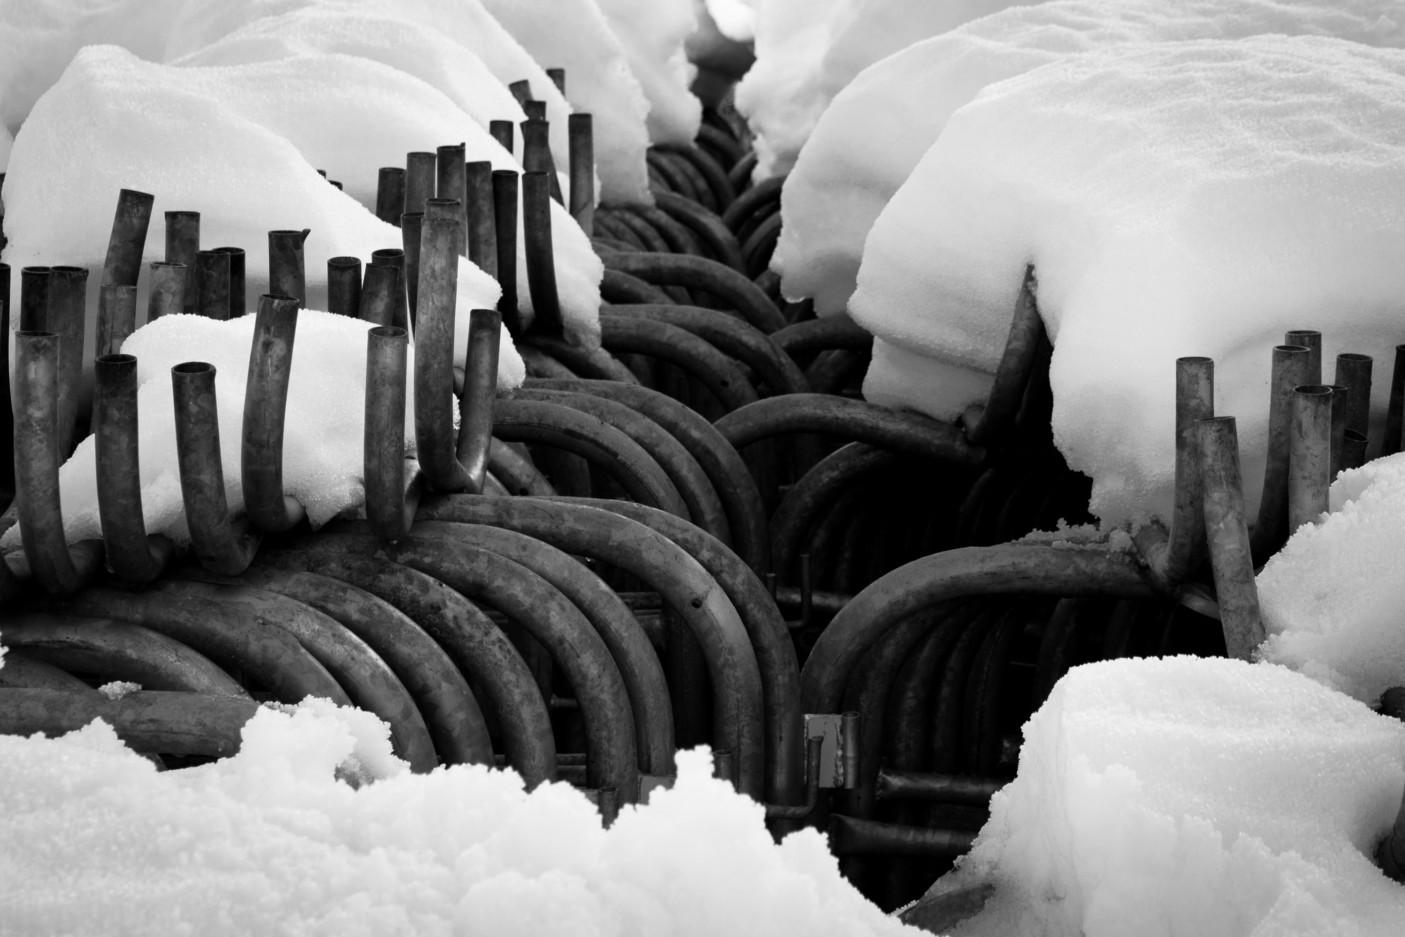 jakuszyce-black-snow-63